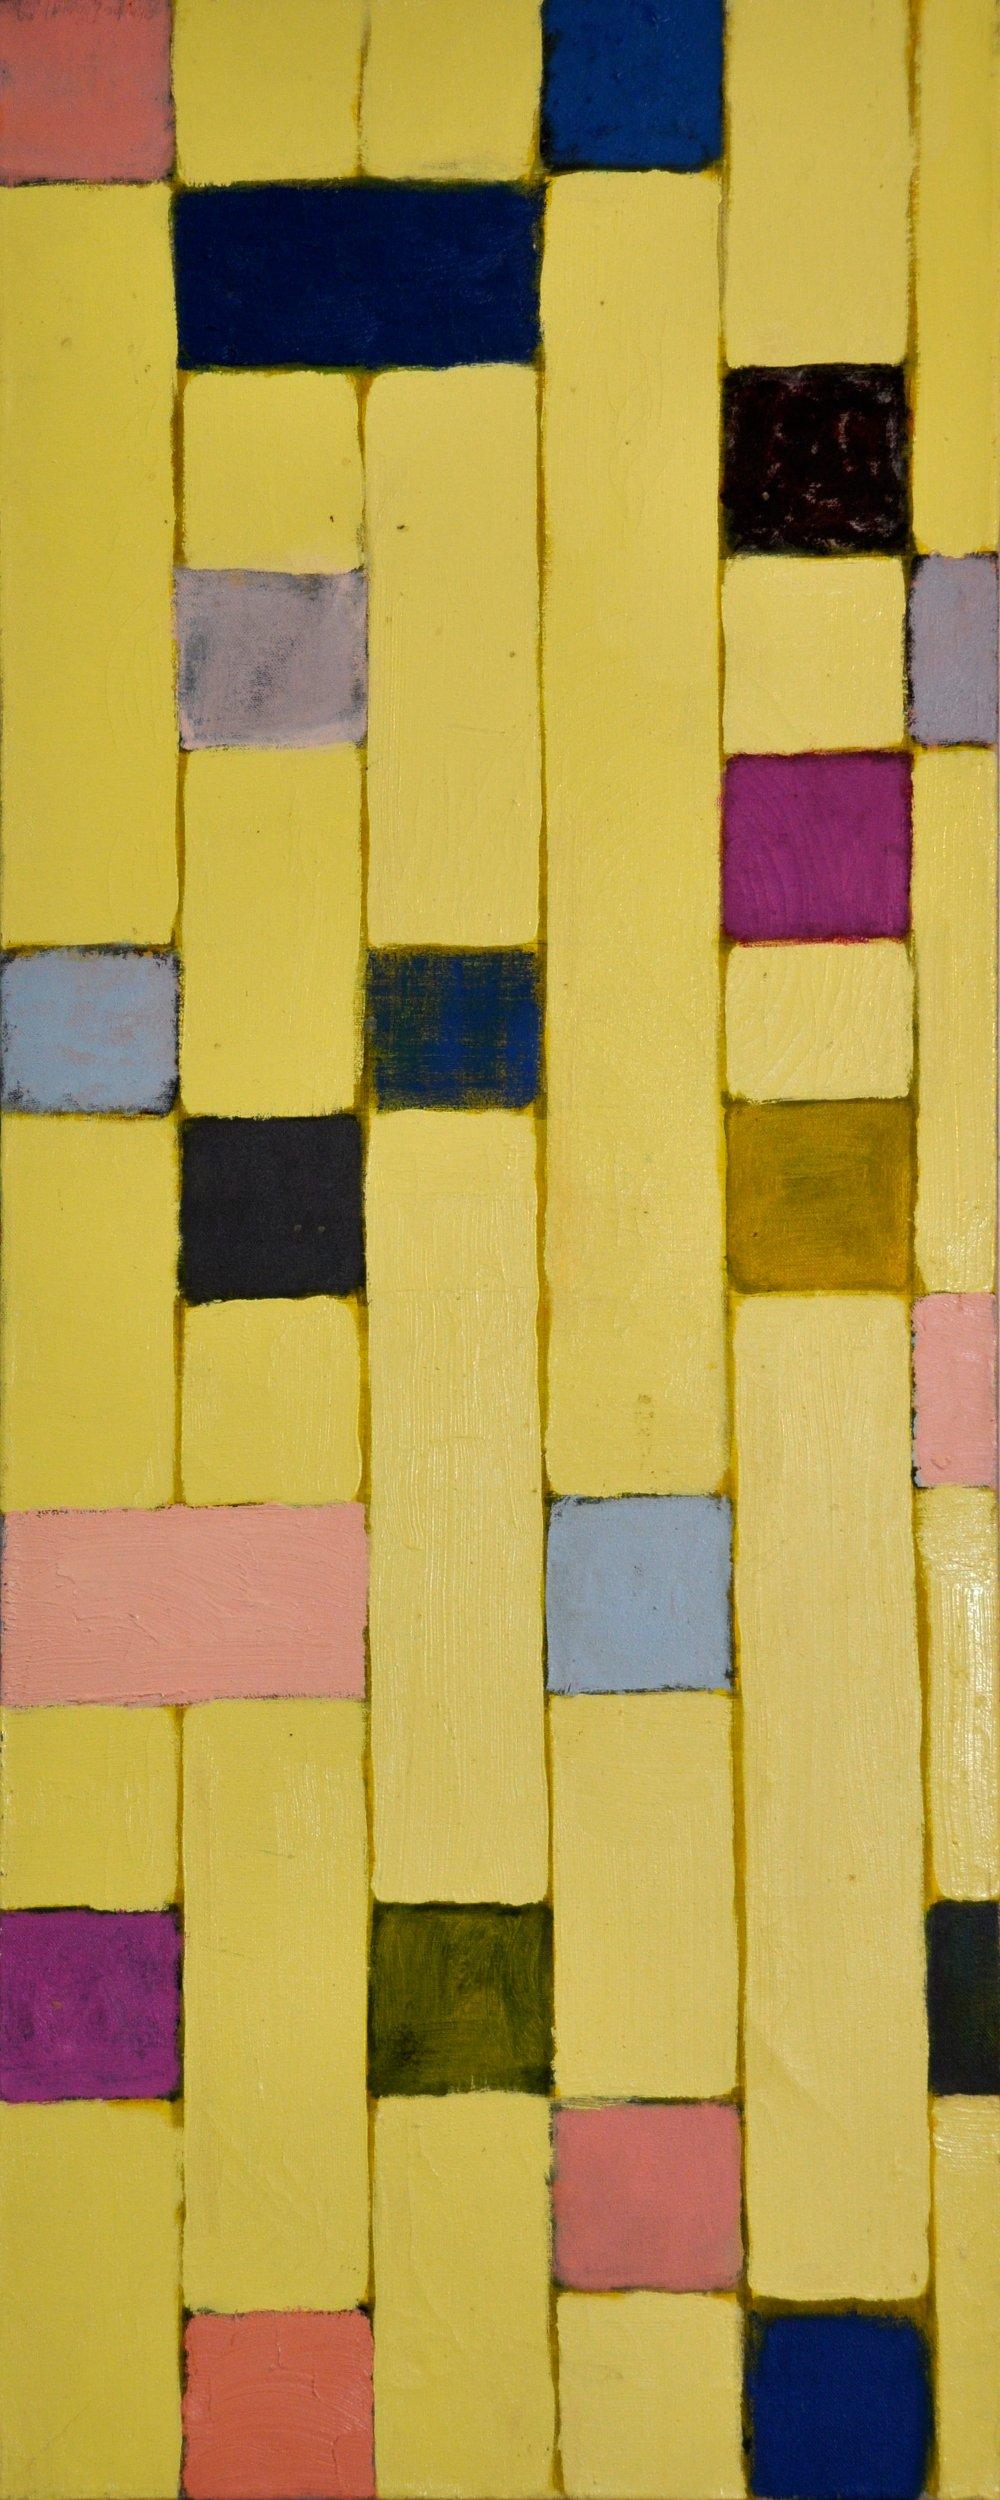 Phoebe Dingwall painting Tellima